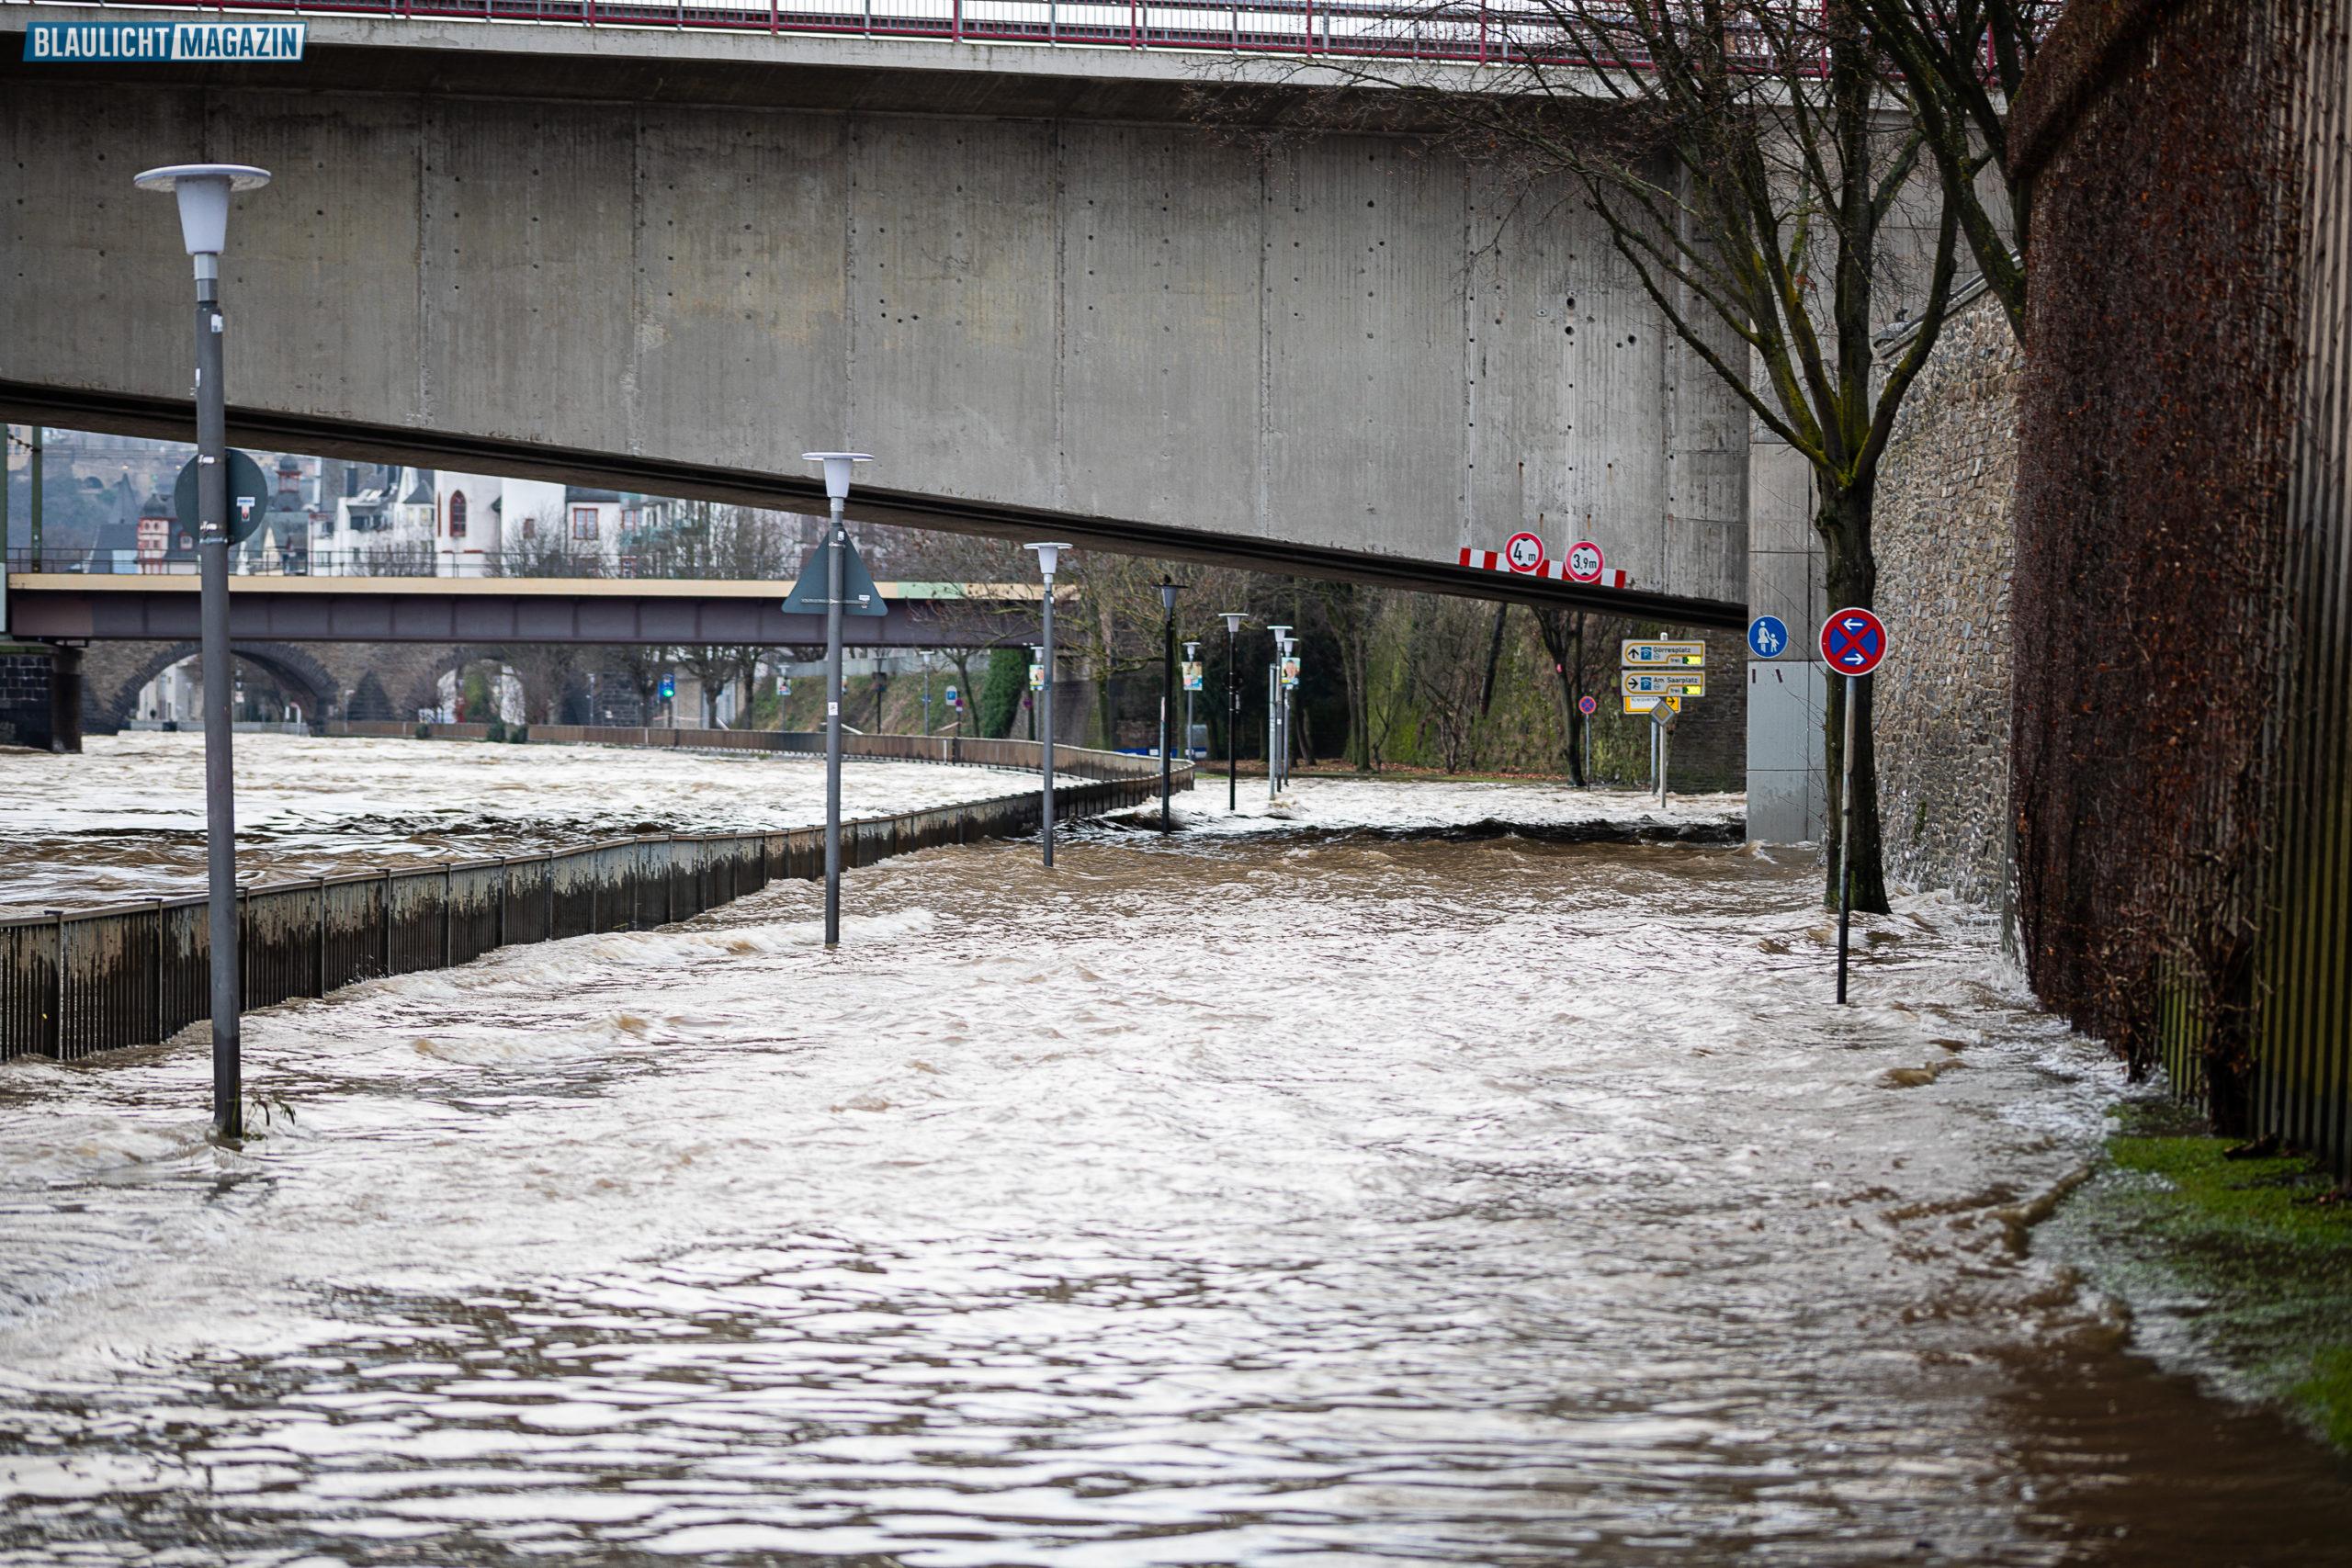 Hochwasserlage-an-Rhein-und-Mosel-in-Koblenz